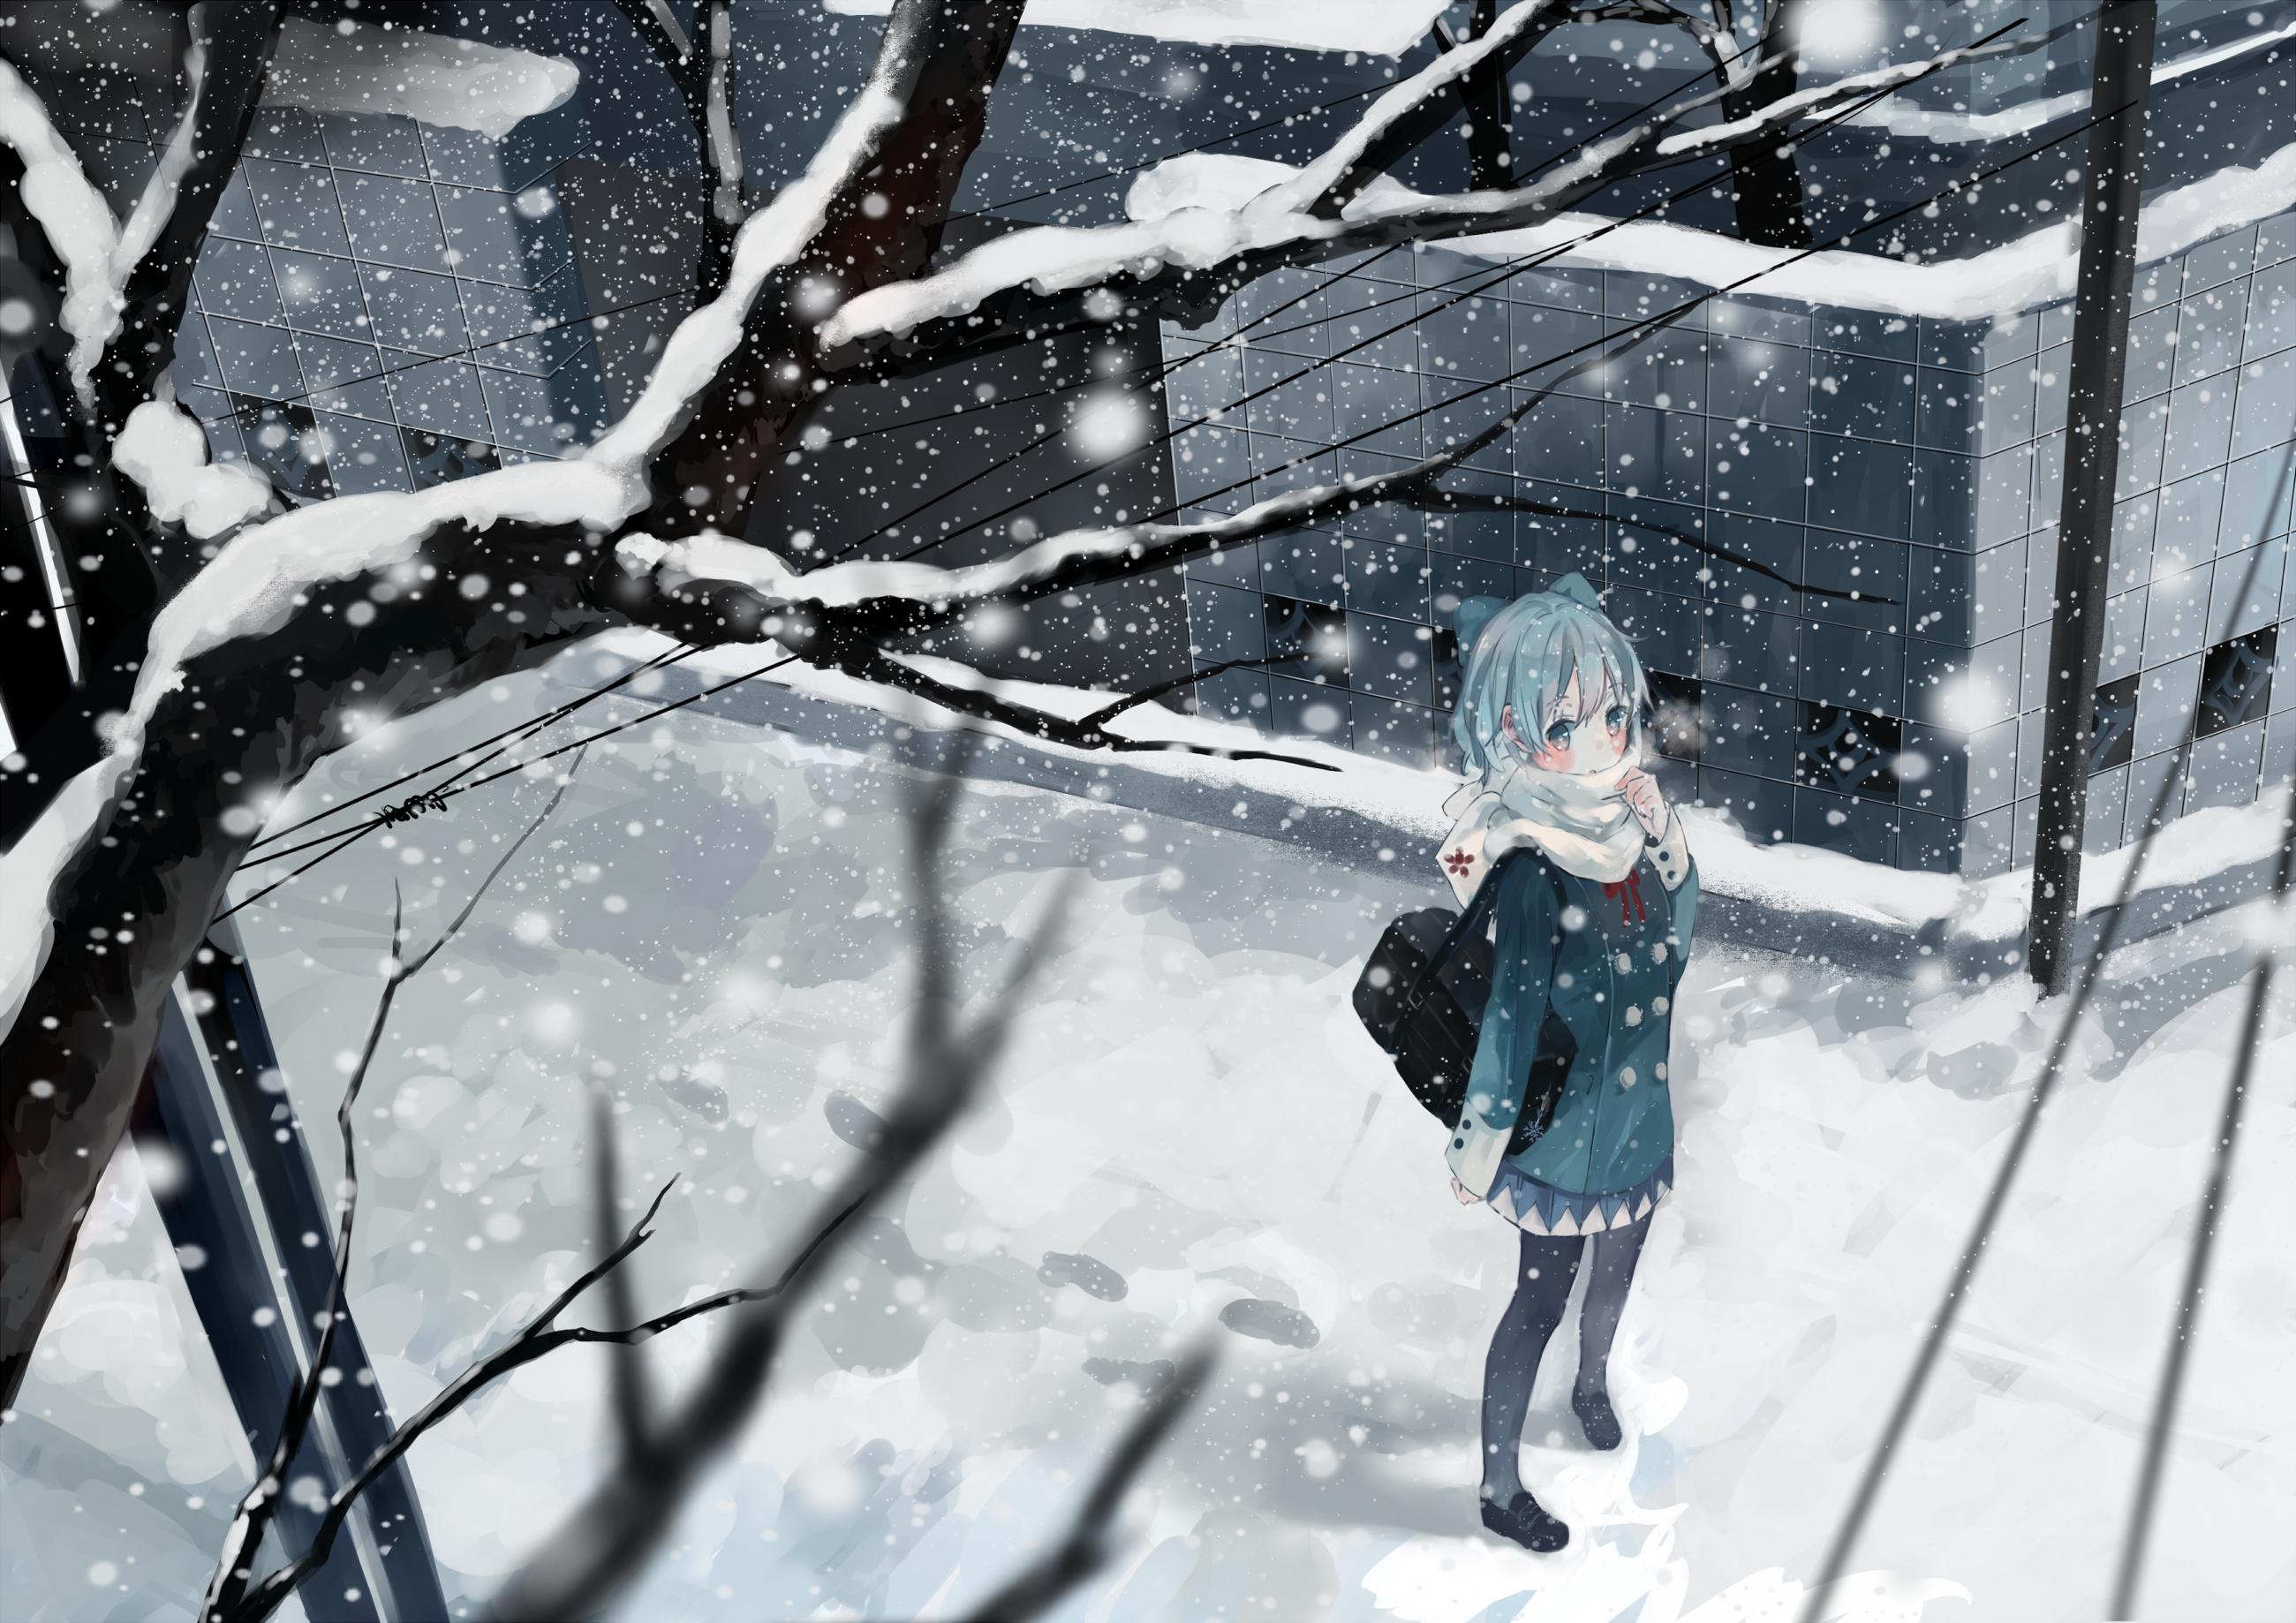 Аниме картинки зима снег